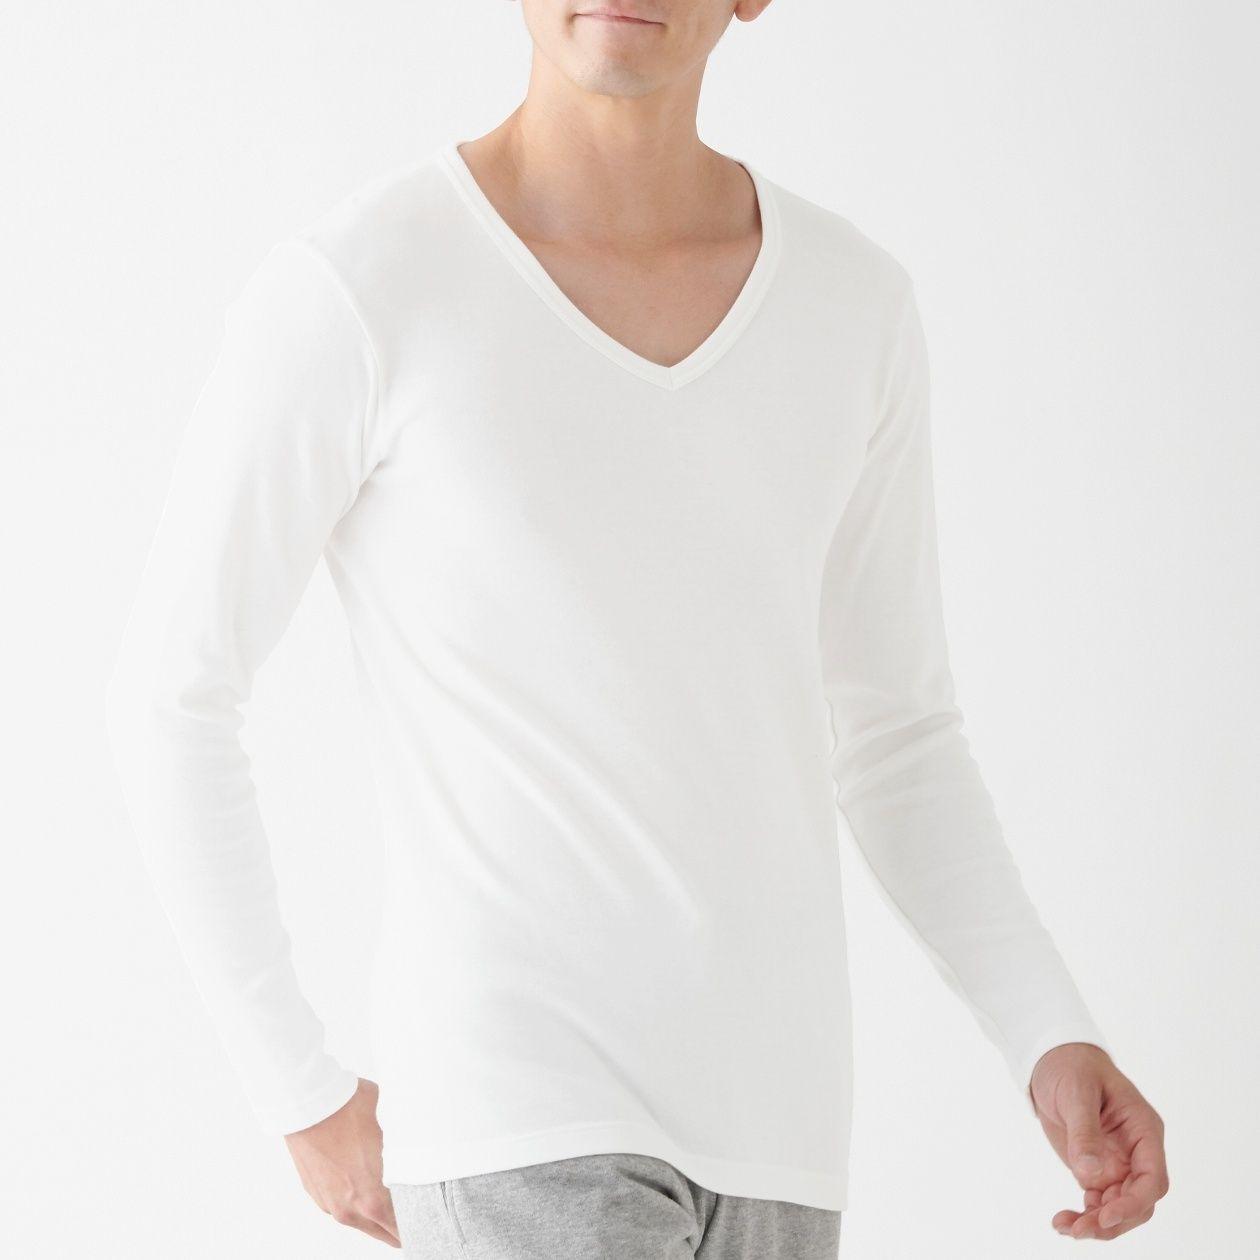 [무인양품] 면과 울로 한겨울도 따스한브이넥(V넥) 긴소매티셔츠 남성・오프화이트 MUJI 일본 공식스토어